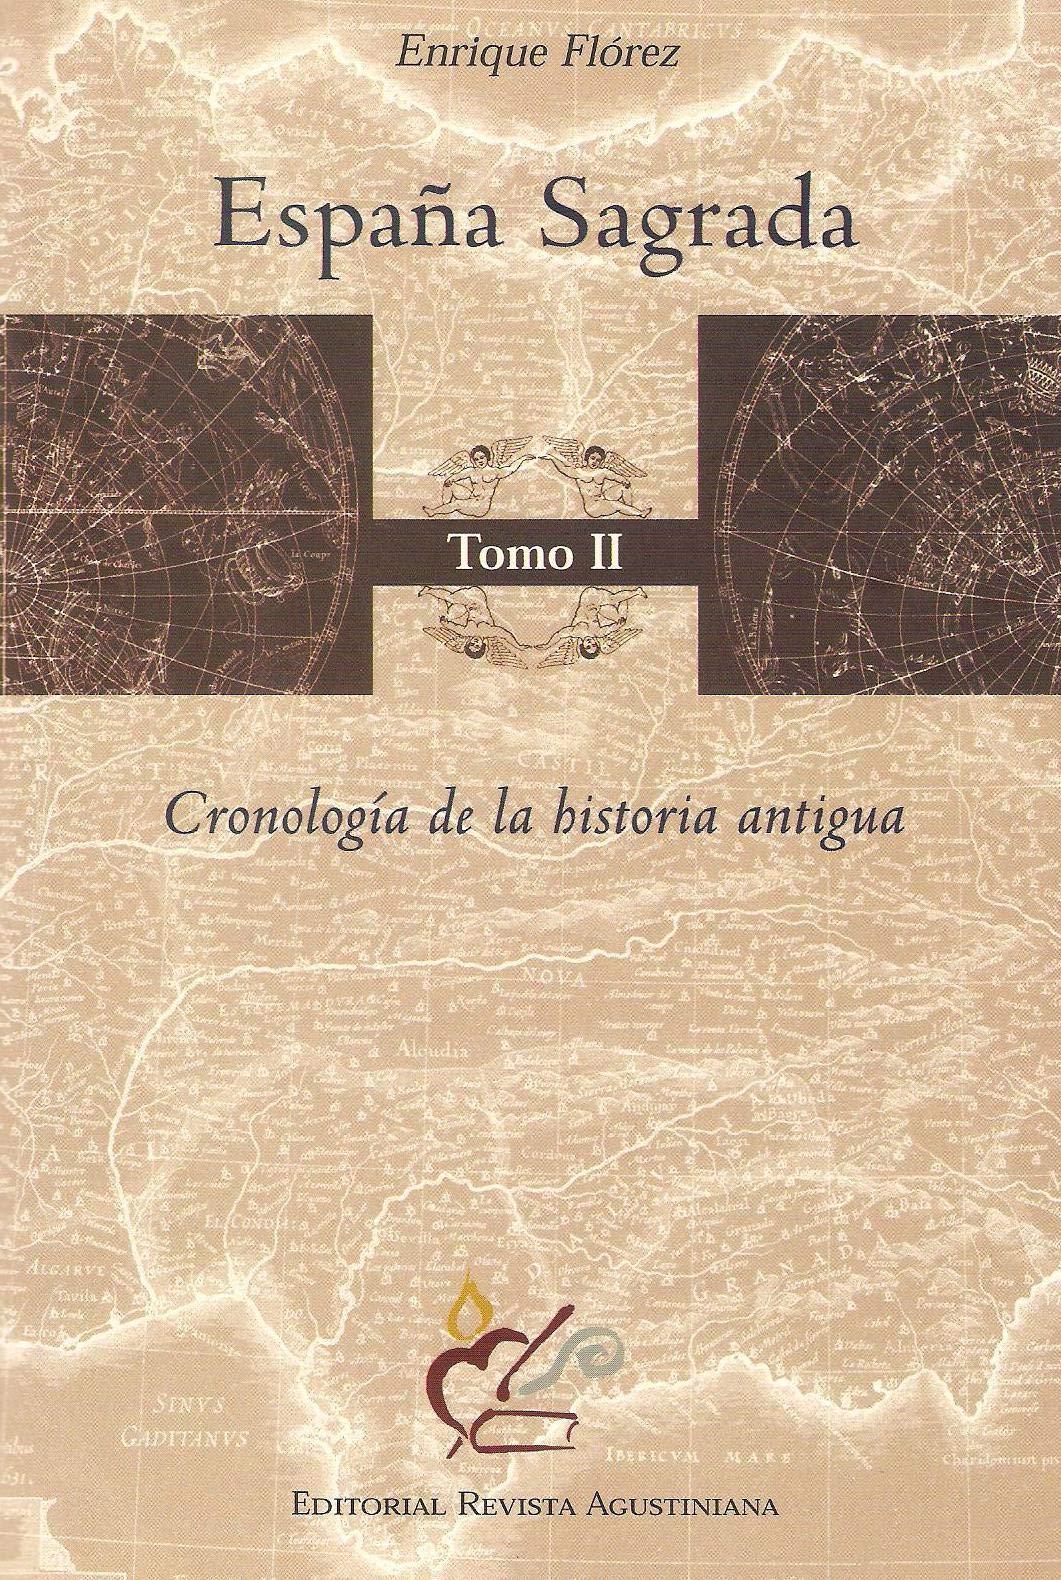 España sagrada vol.2: cronologia de la historia antigua: Amazon.es: Florez, Enrique: Libros